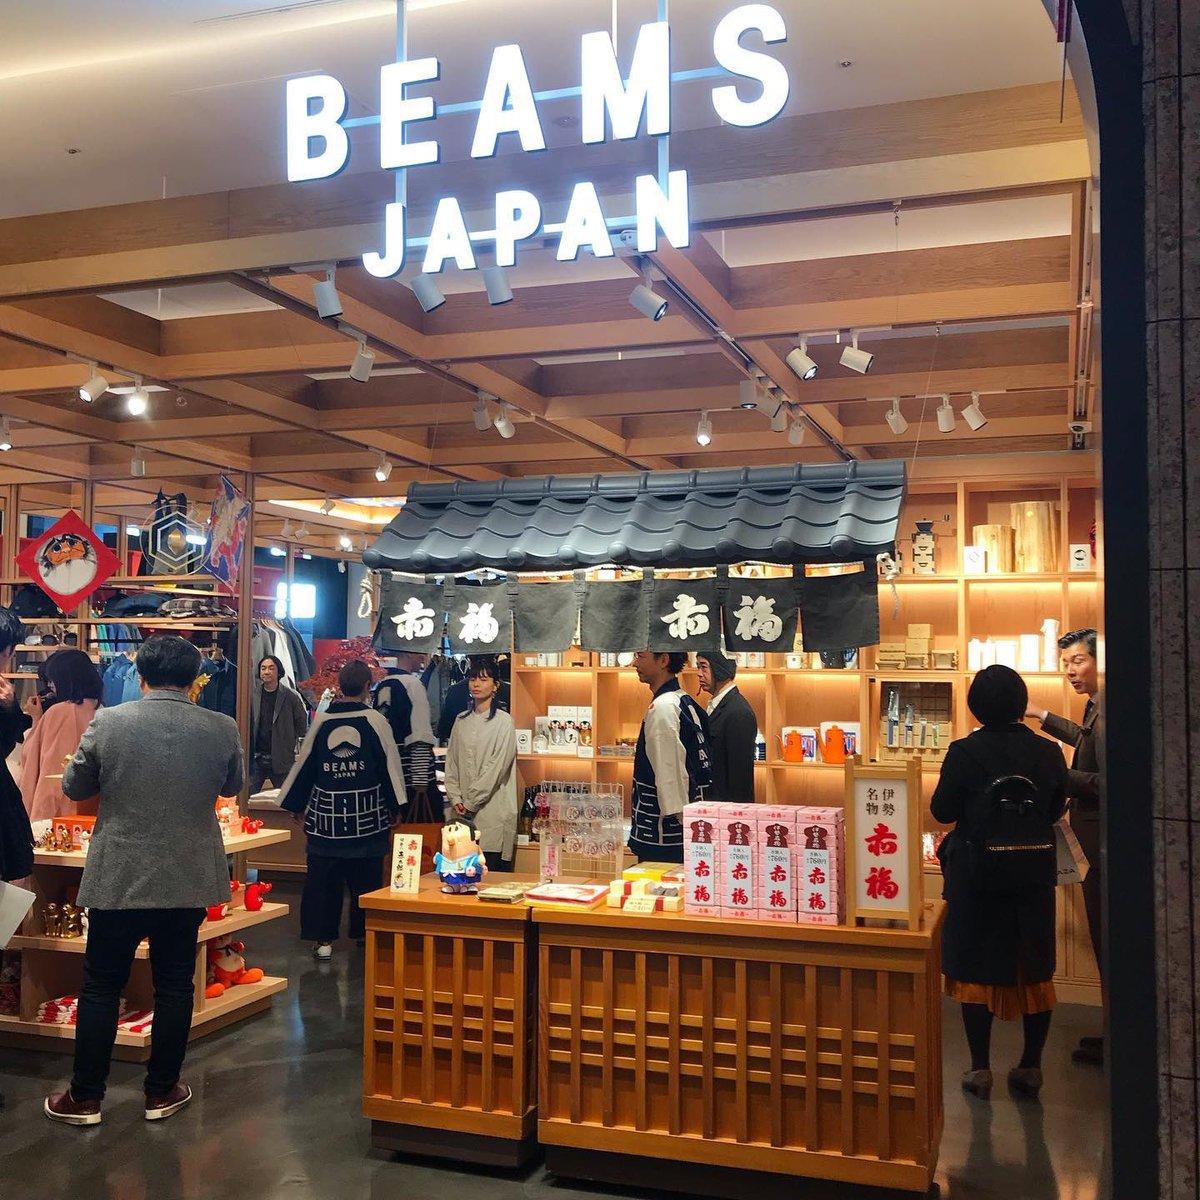 渋谷 ビームス ジャパン